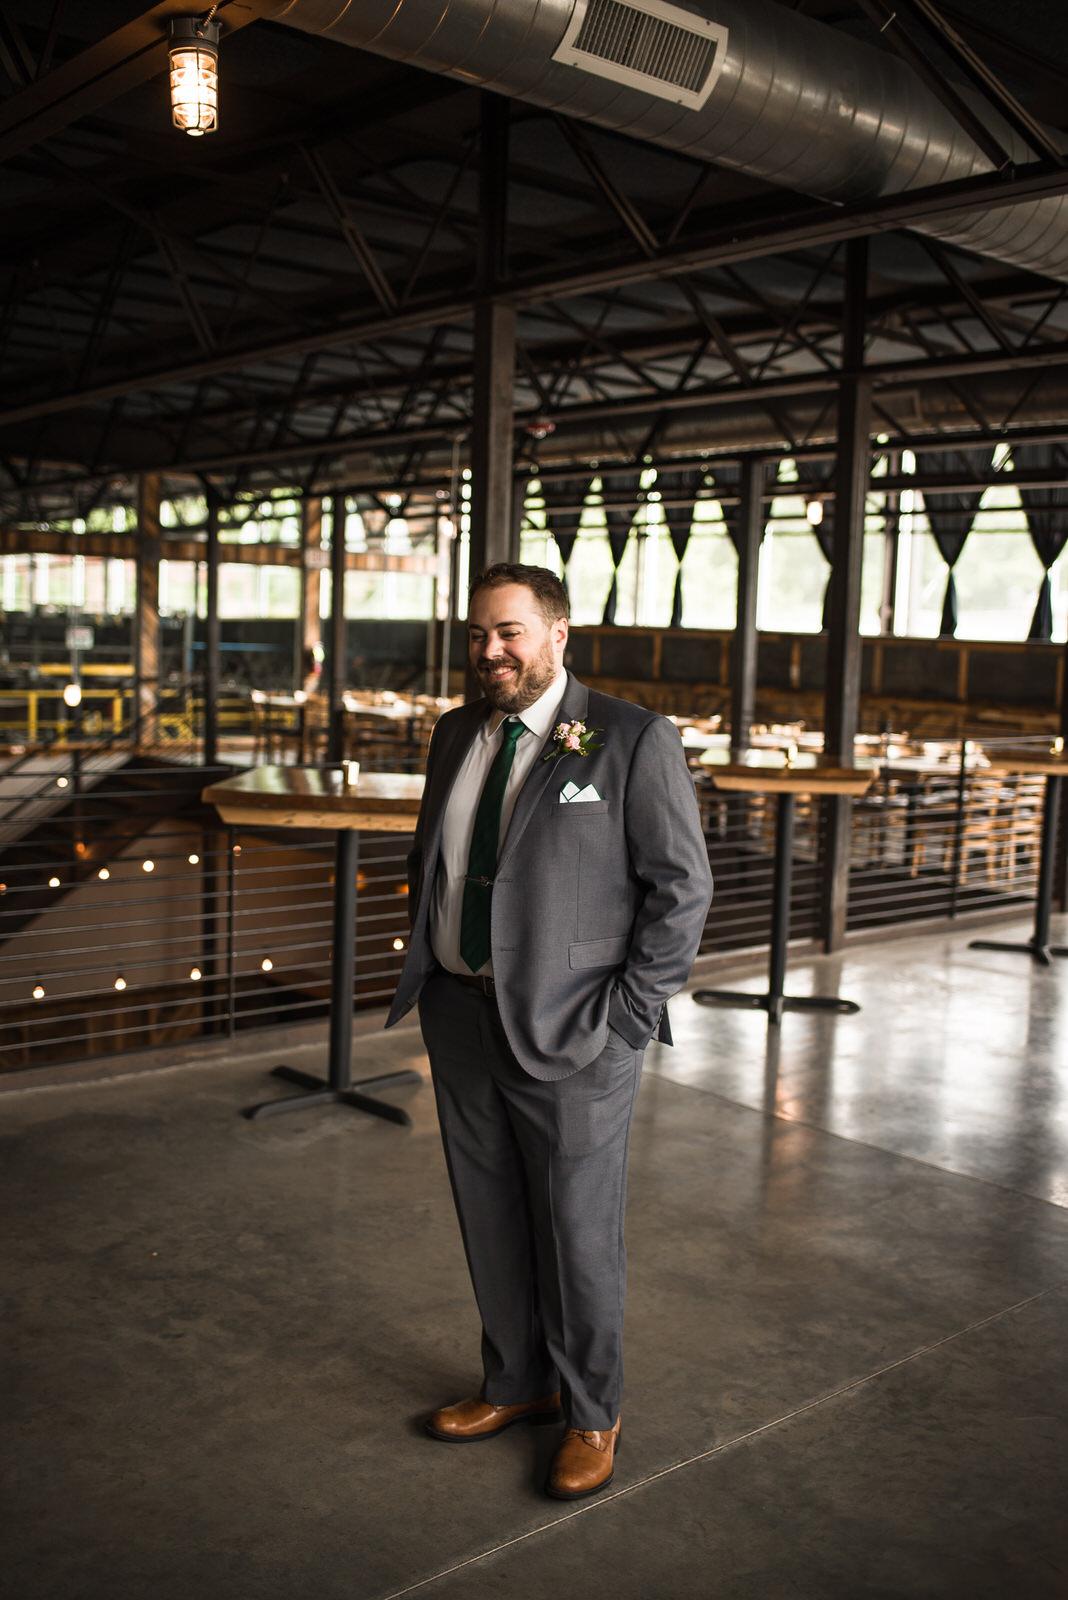 Highland-Brewing-Company-WeddingWedding-192.jpg